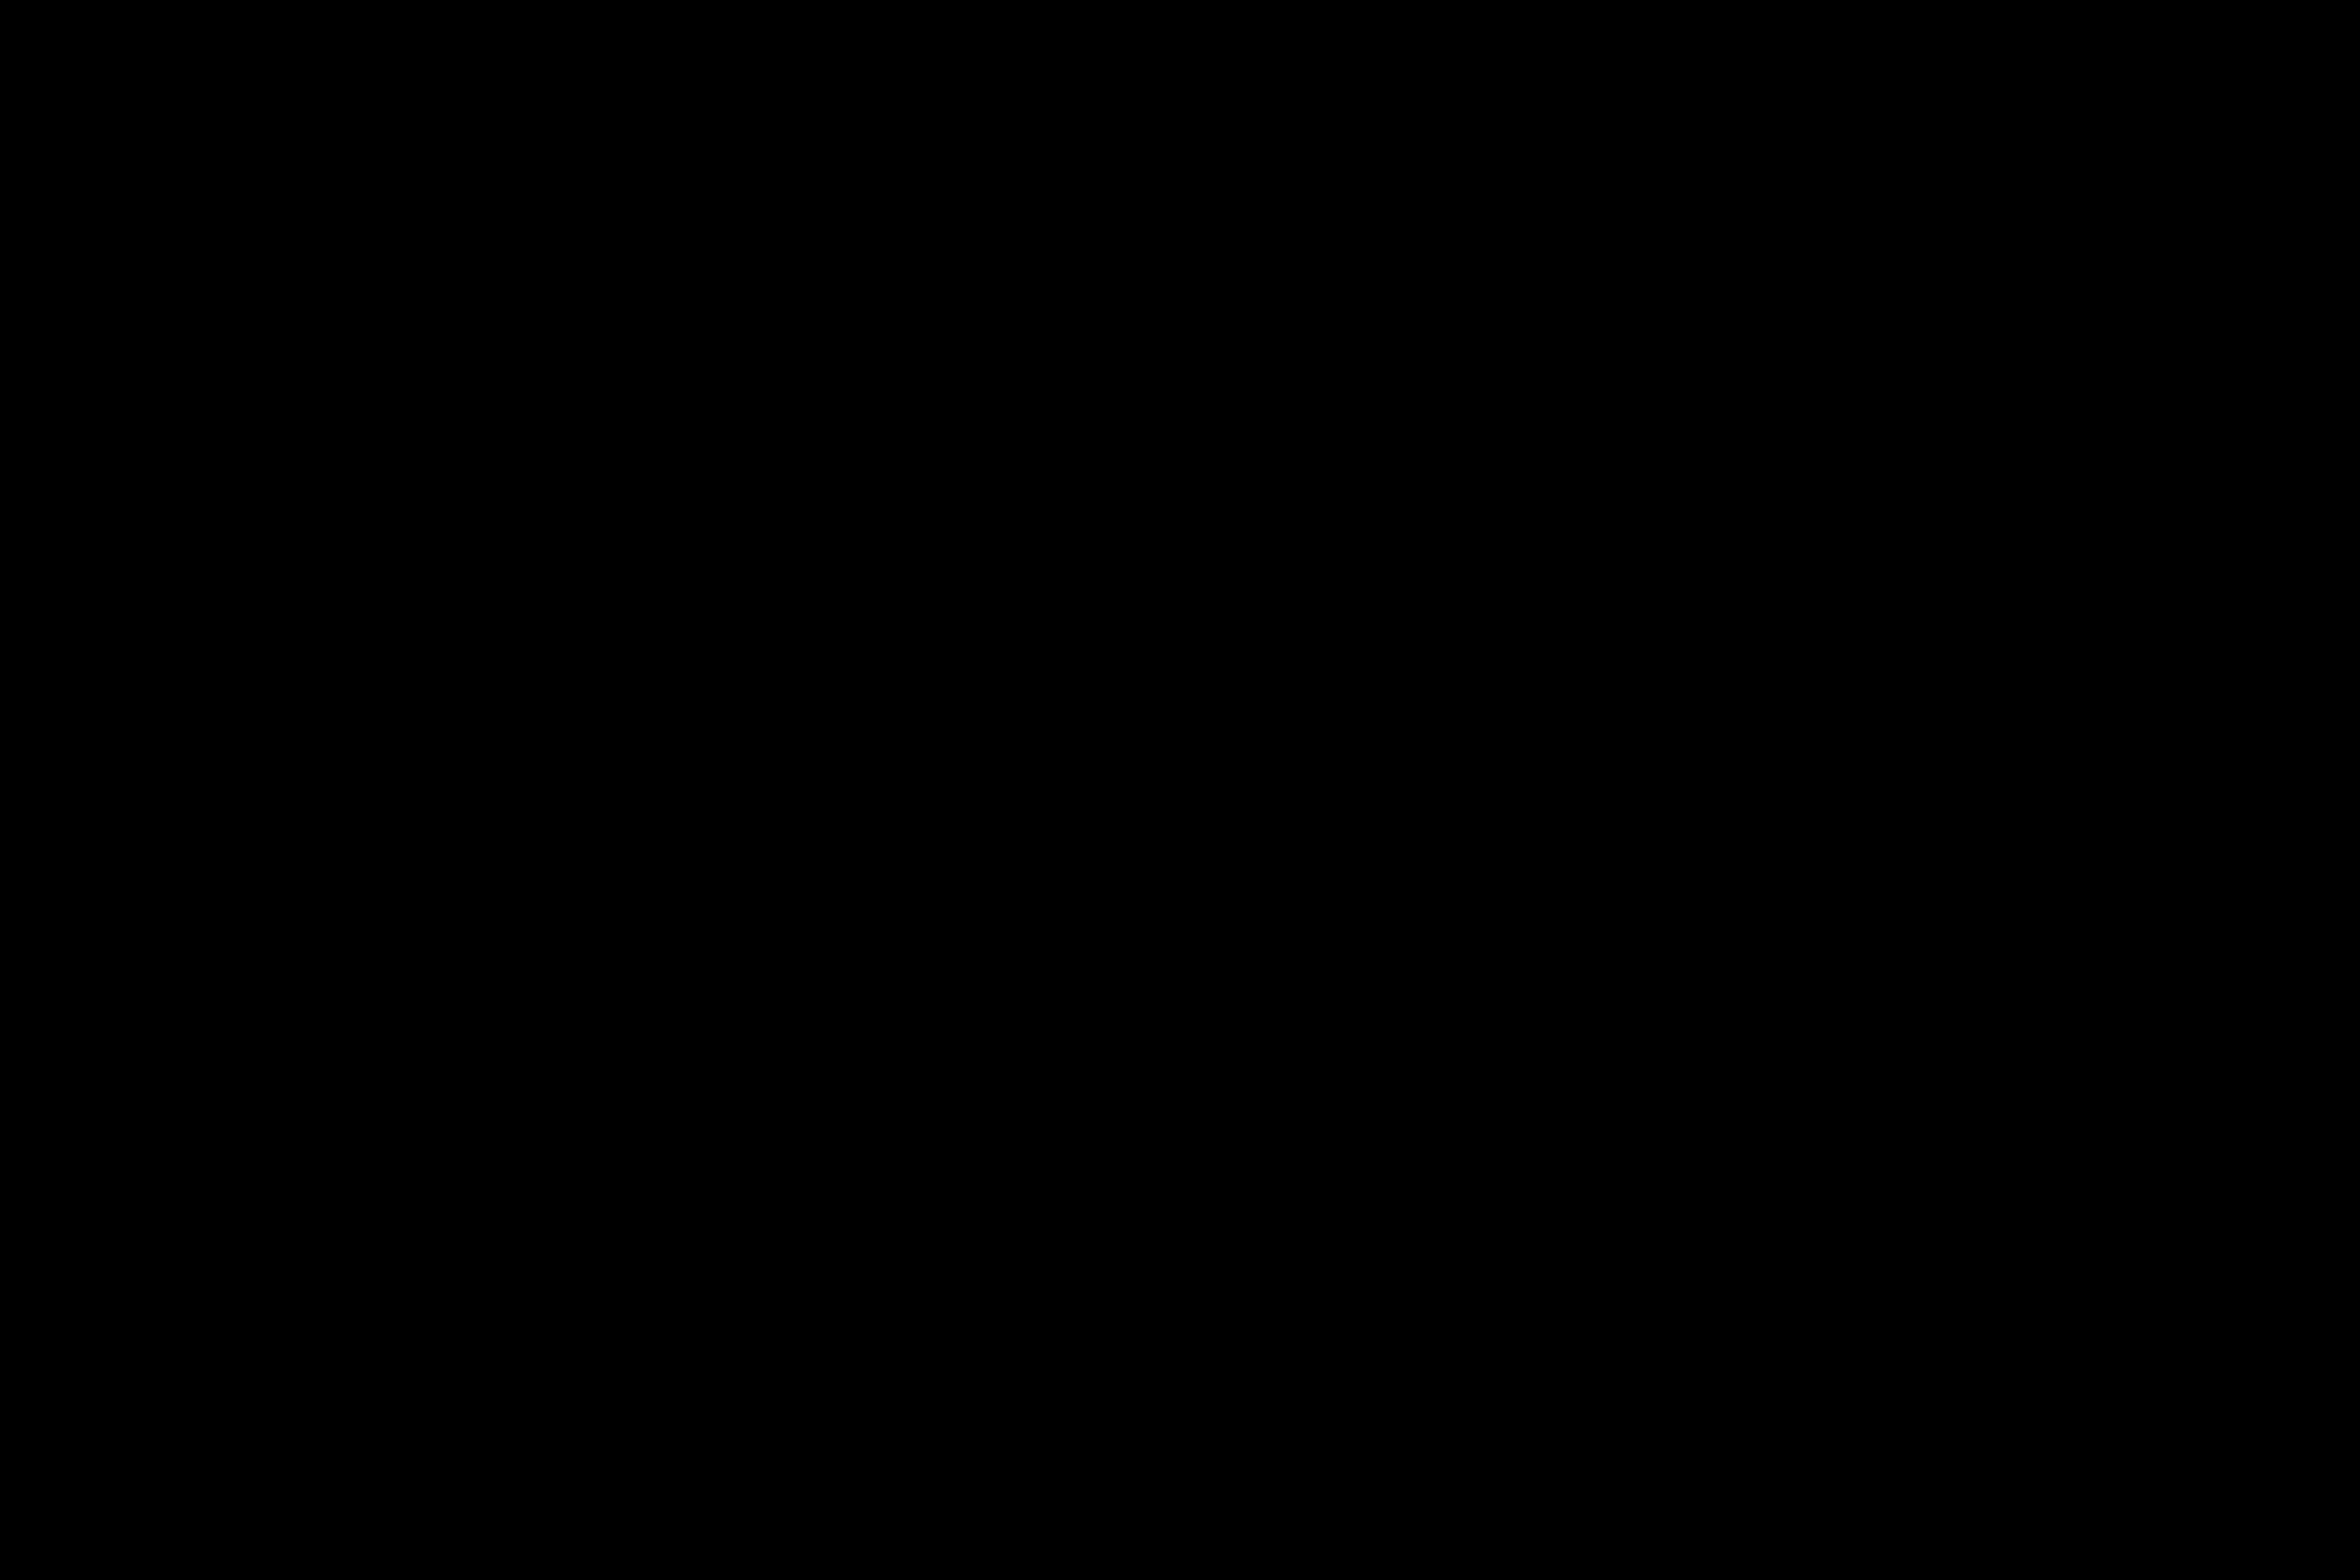 Dégustation de Rieslings du siècle dernier avec Les Grandes Maisons d'Alsace  – julienbinz.com – 11/06/2018